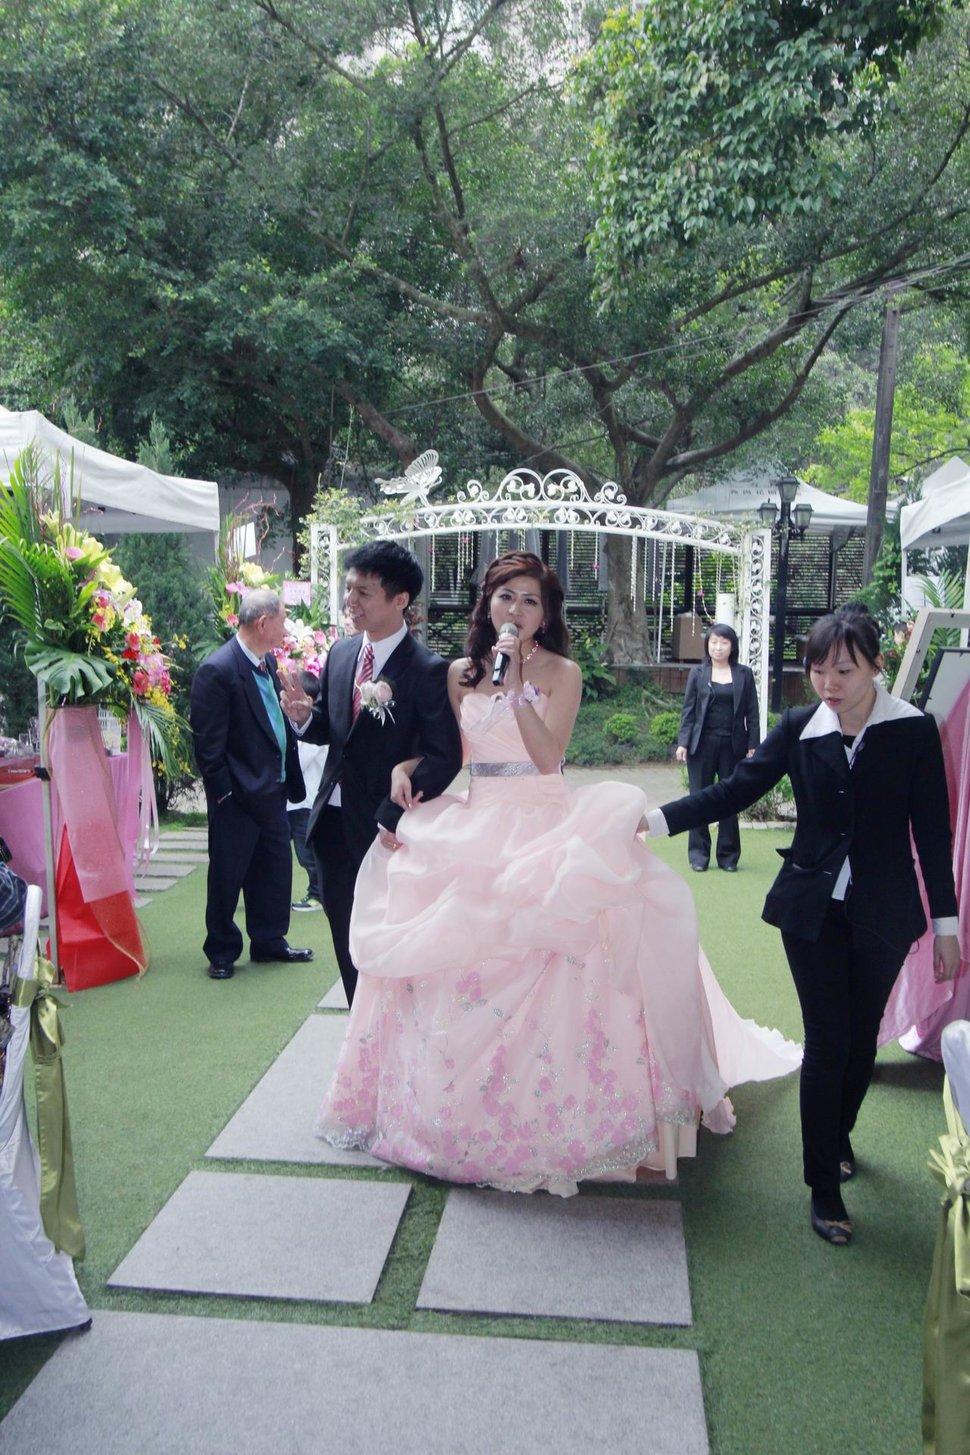 青青食尚花園會館婚禮記錄結婚迎娶婚禮記錄動態微電影錄影專業錄影平面攝影婚紗攝攝影婚禮主持人(編號:196781) - 蜜月拍照10800錄影12800攝影團隊 - 結婚吧